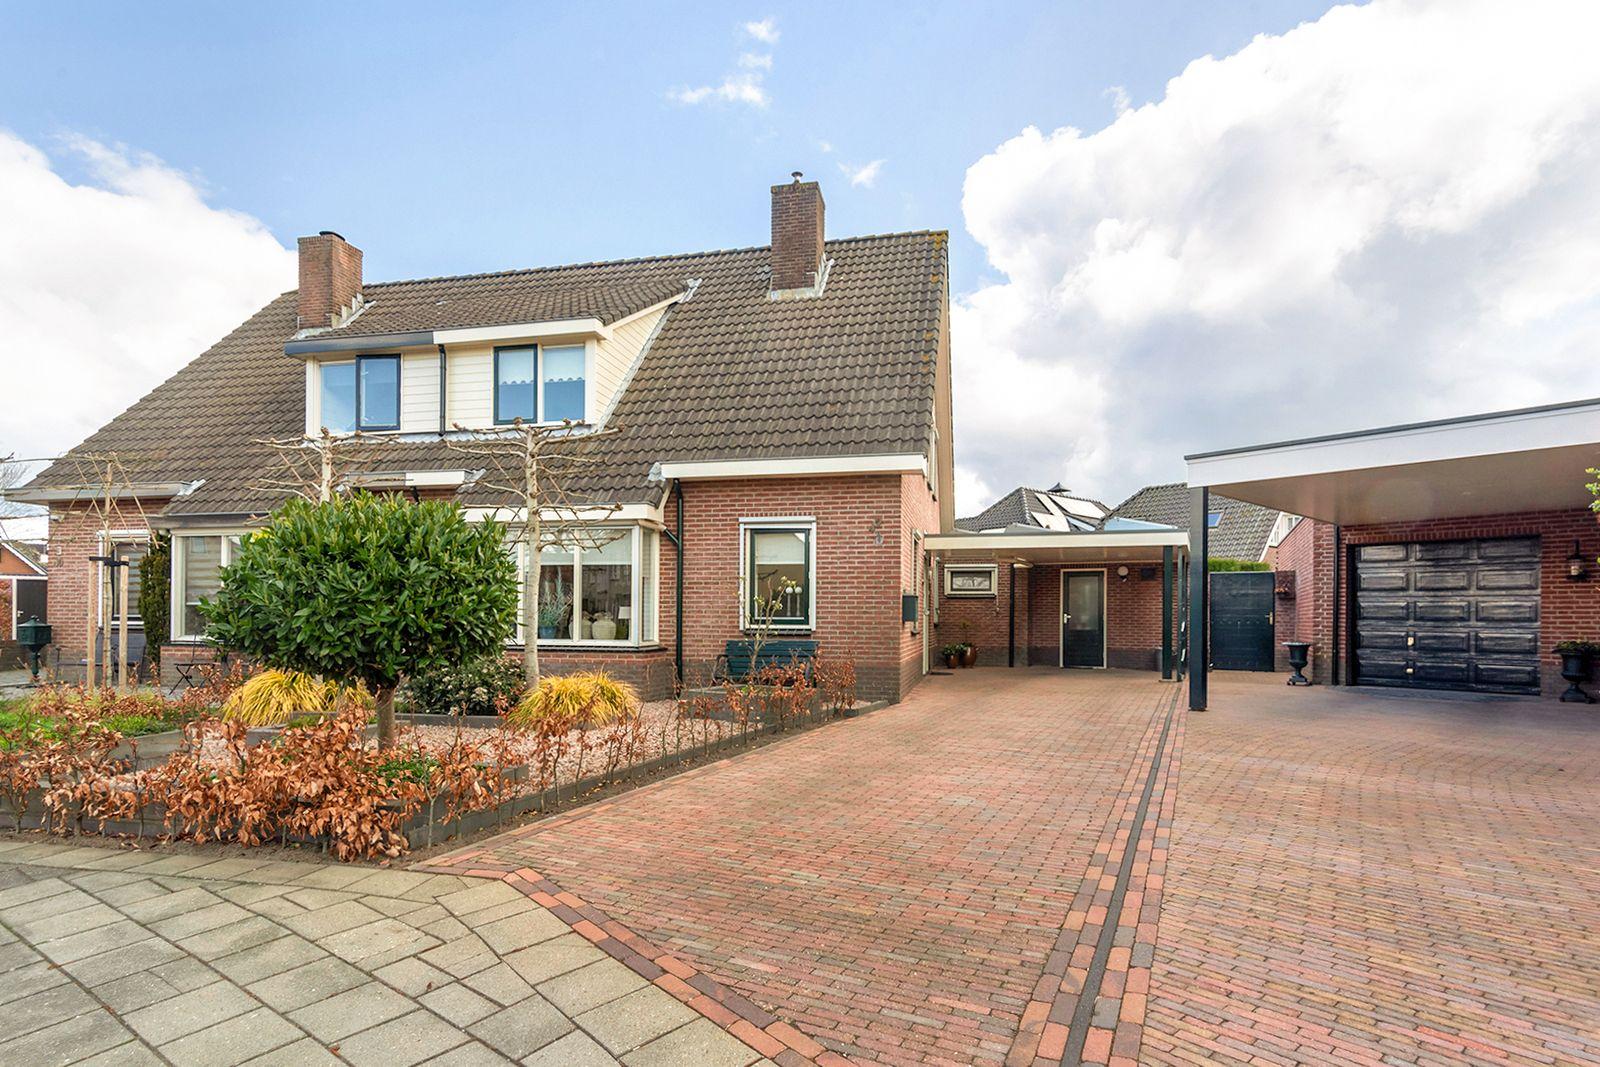 Dirk Ruitenbeekstraat 42, Nijkerkerveen